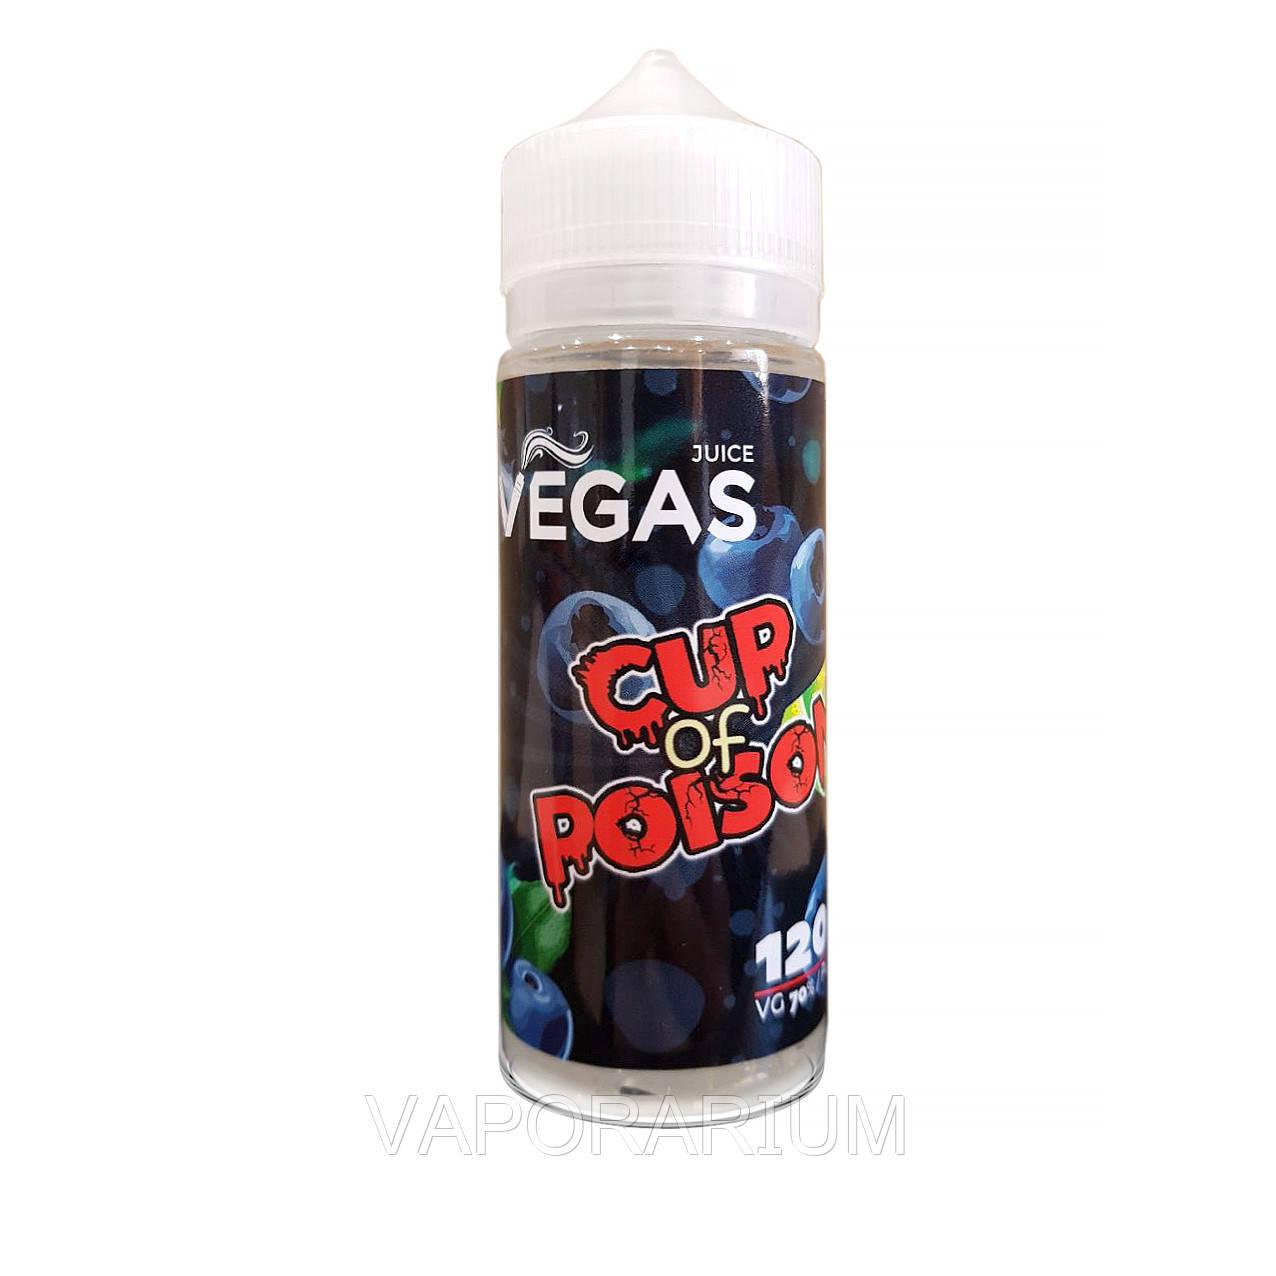 Жидкость для электронных сигарет Vegas Cup of Poison 1.5 мг 120 мл